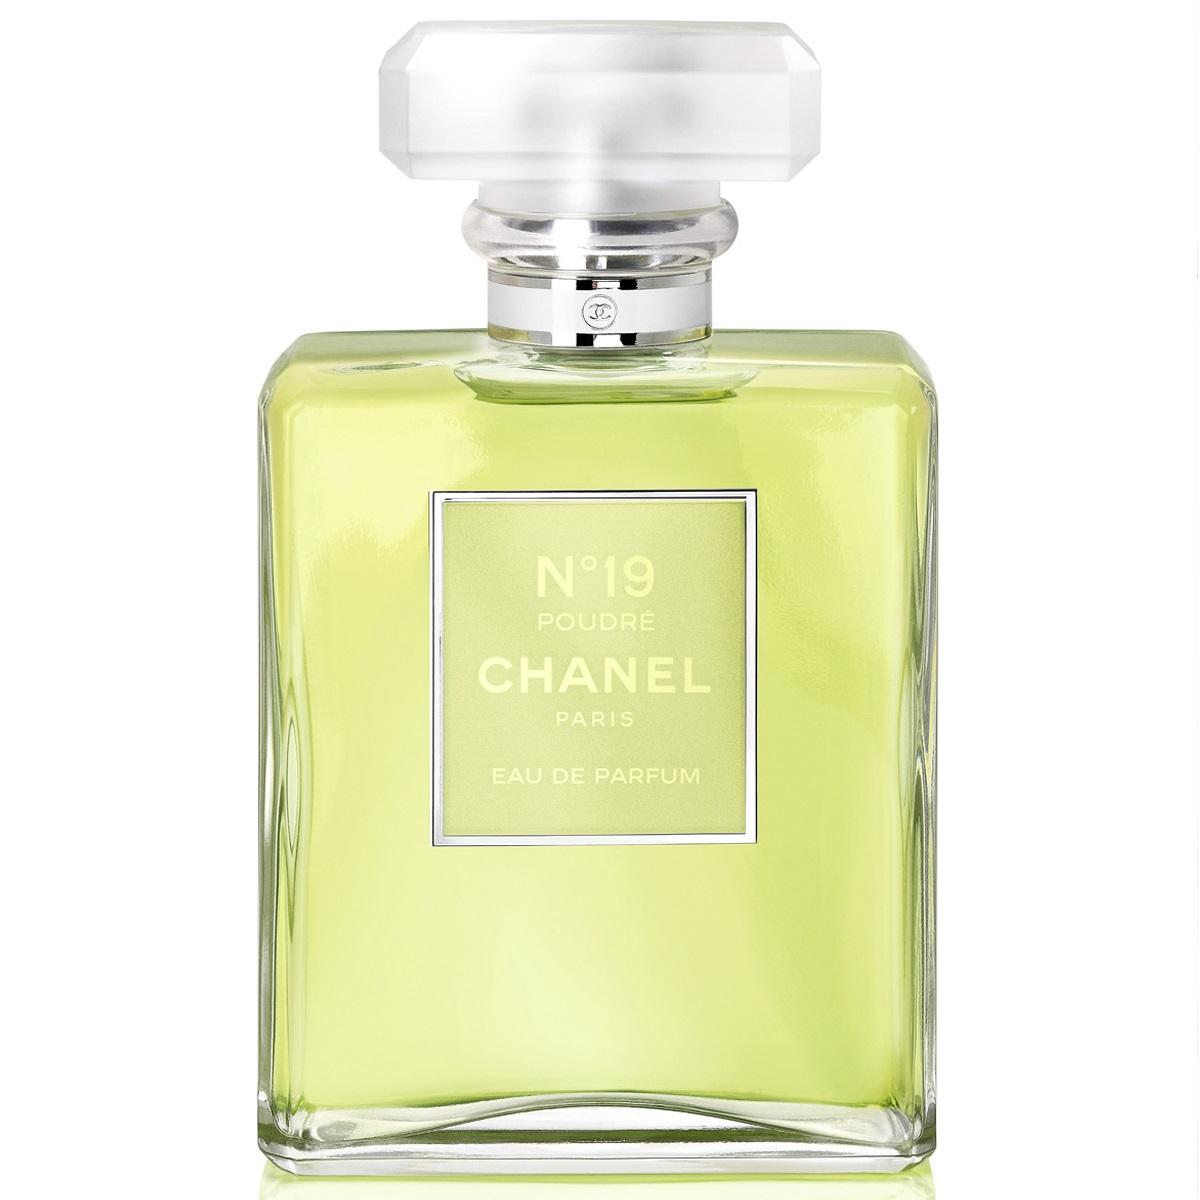 ароматы с пудровым запахом фото имеют хорошо развитые